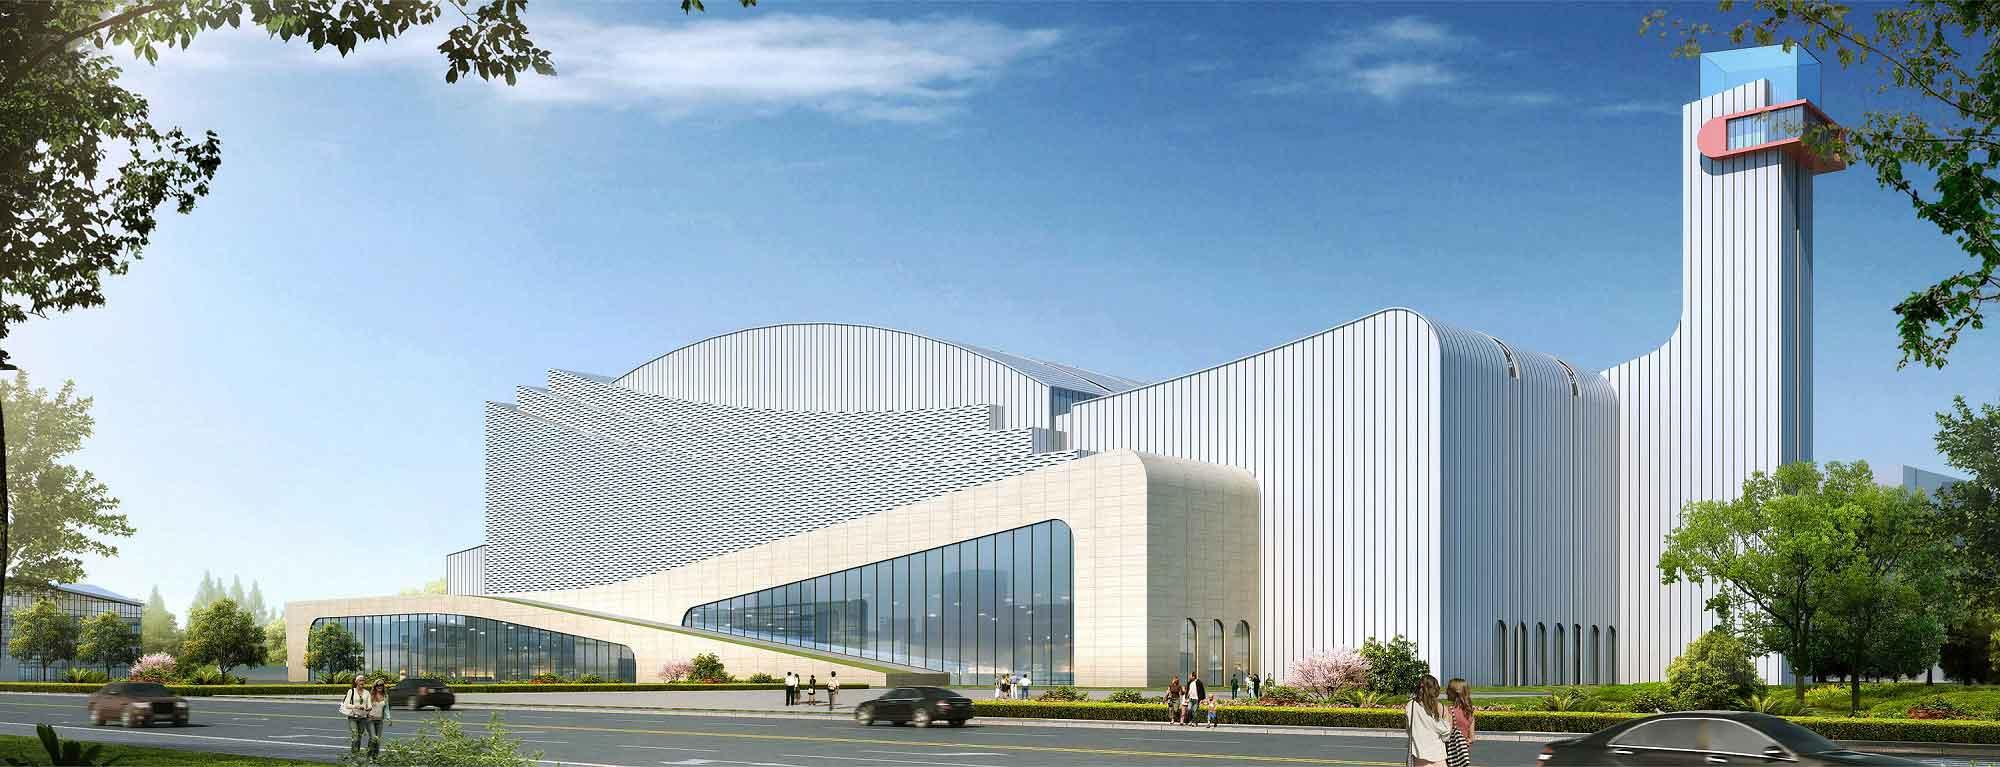 紹興市循環生態產業園(二期)工程焚燒廠項目EPC總承包項目